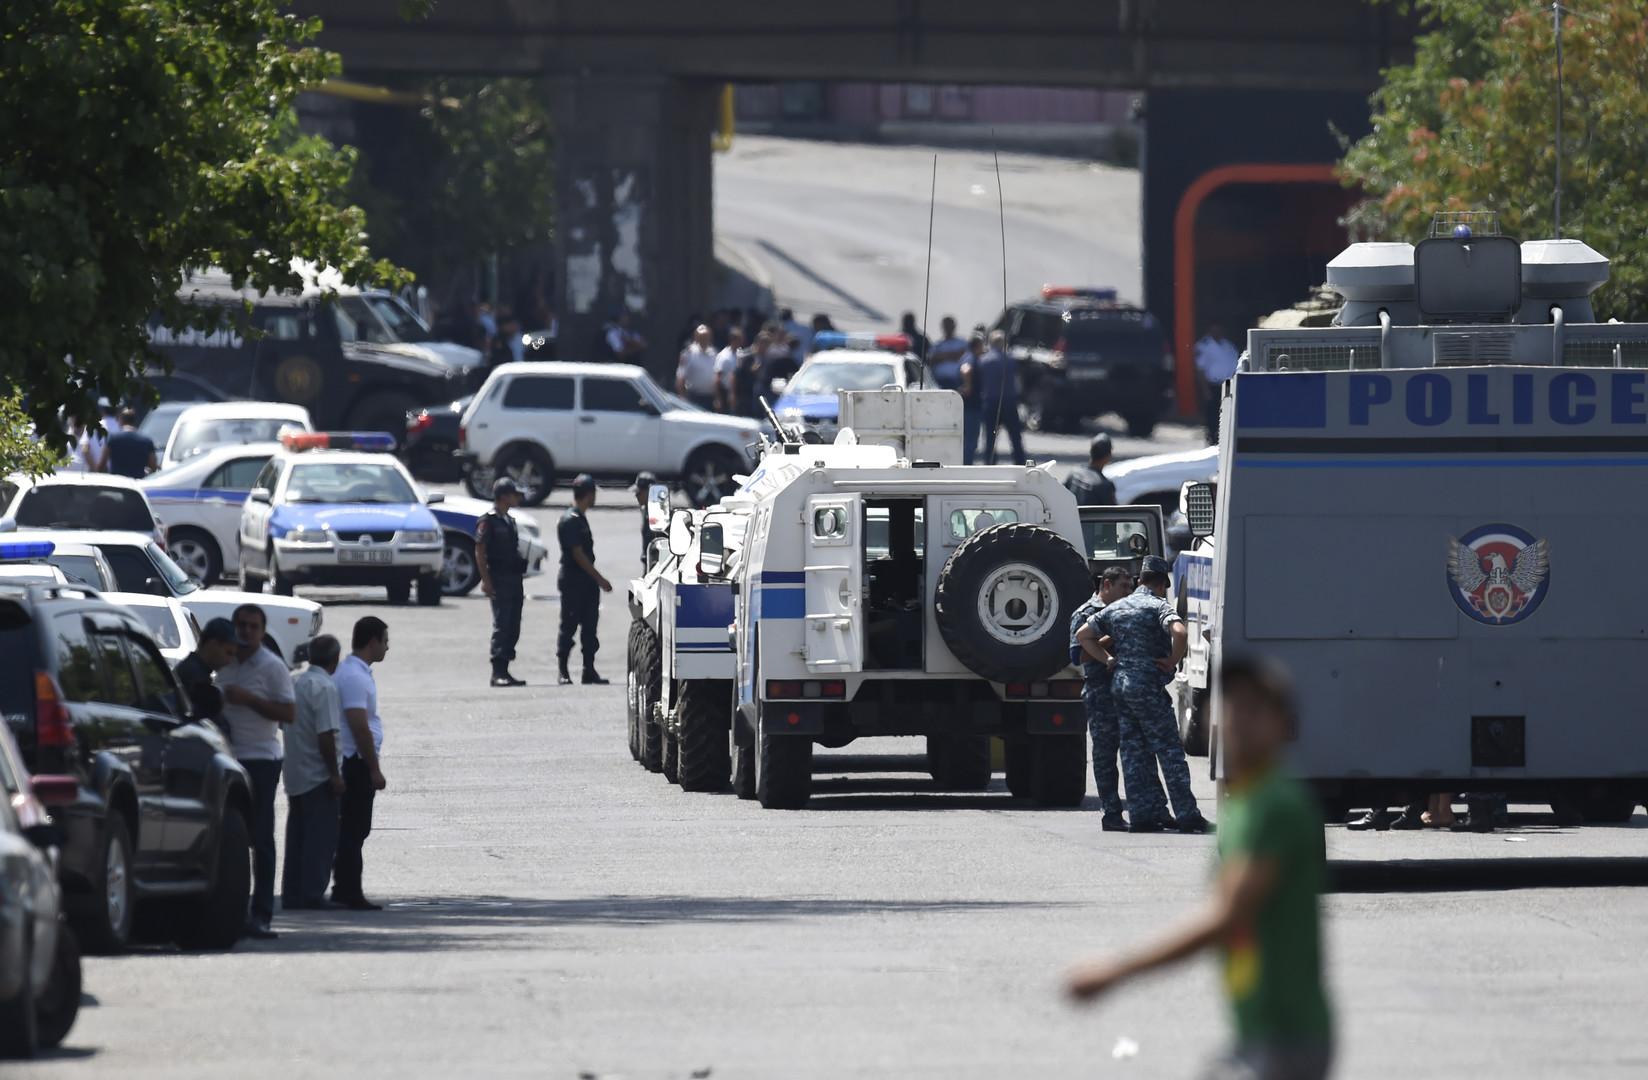 Armenien: Geiselnehmer fordern Freilassung von Extremistenanführer und Rücktritt des Präsidenten